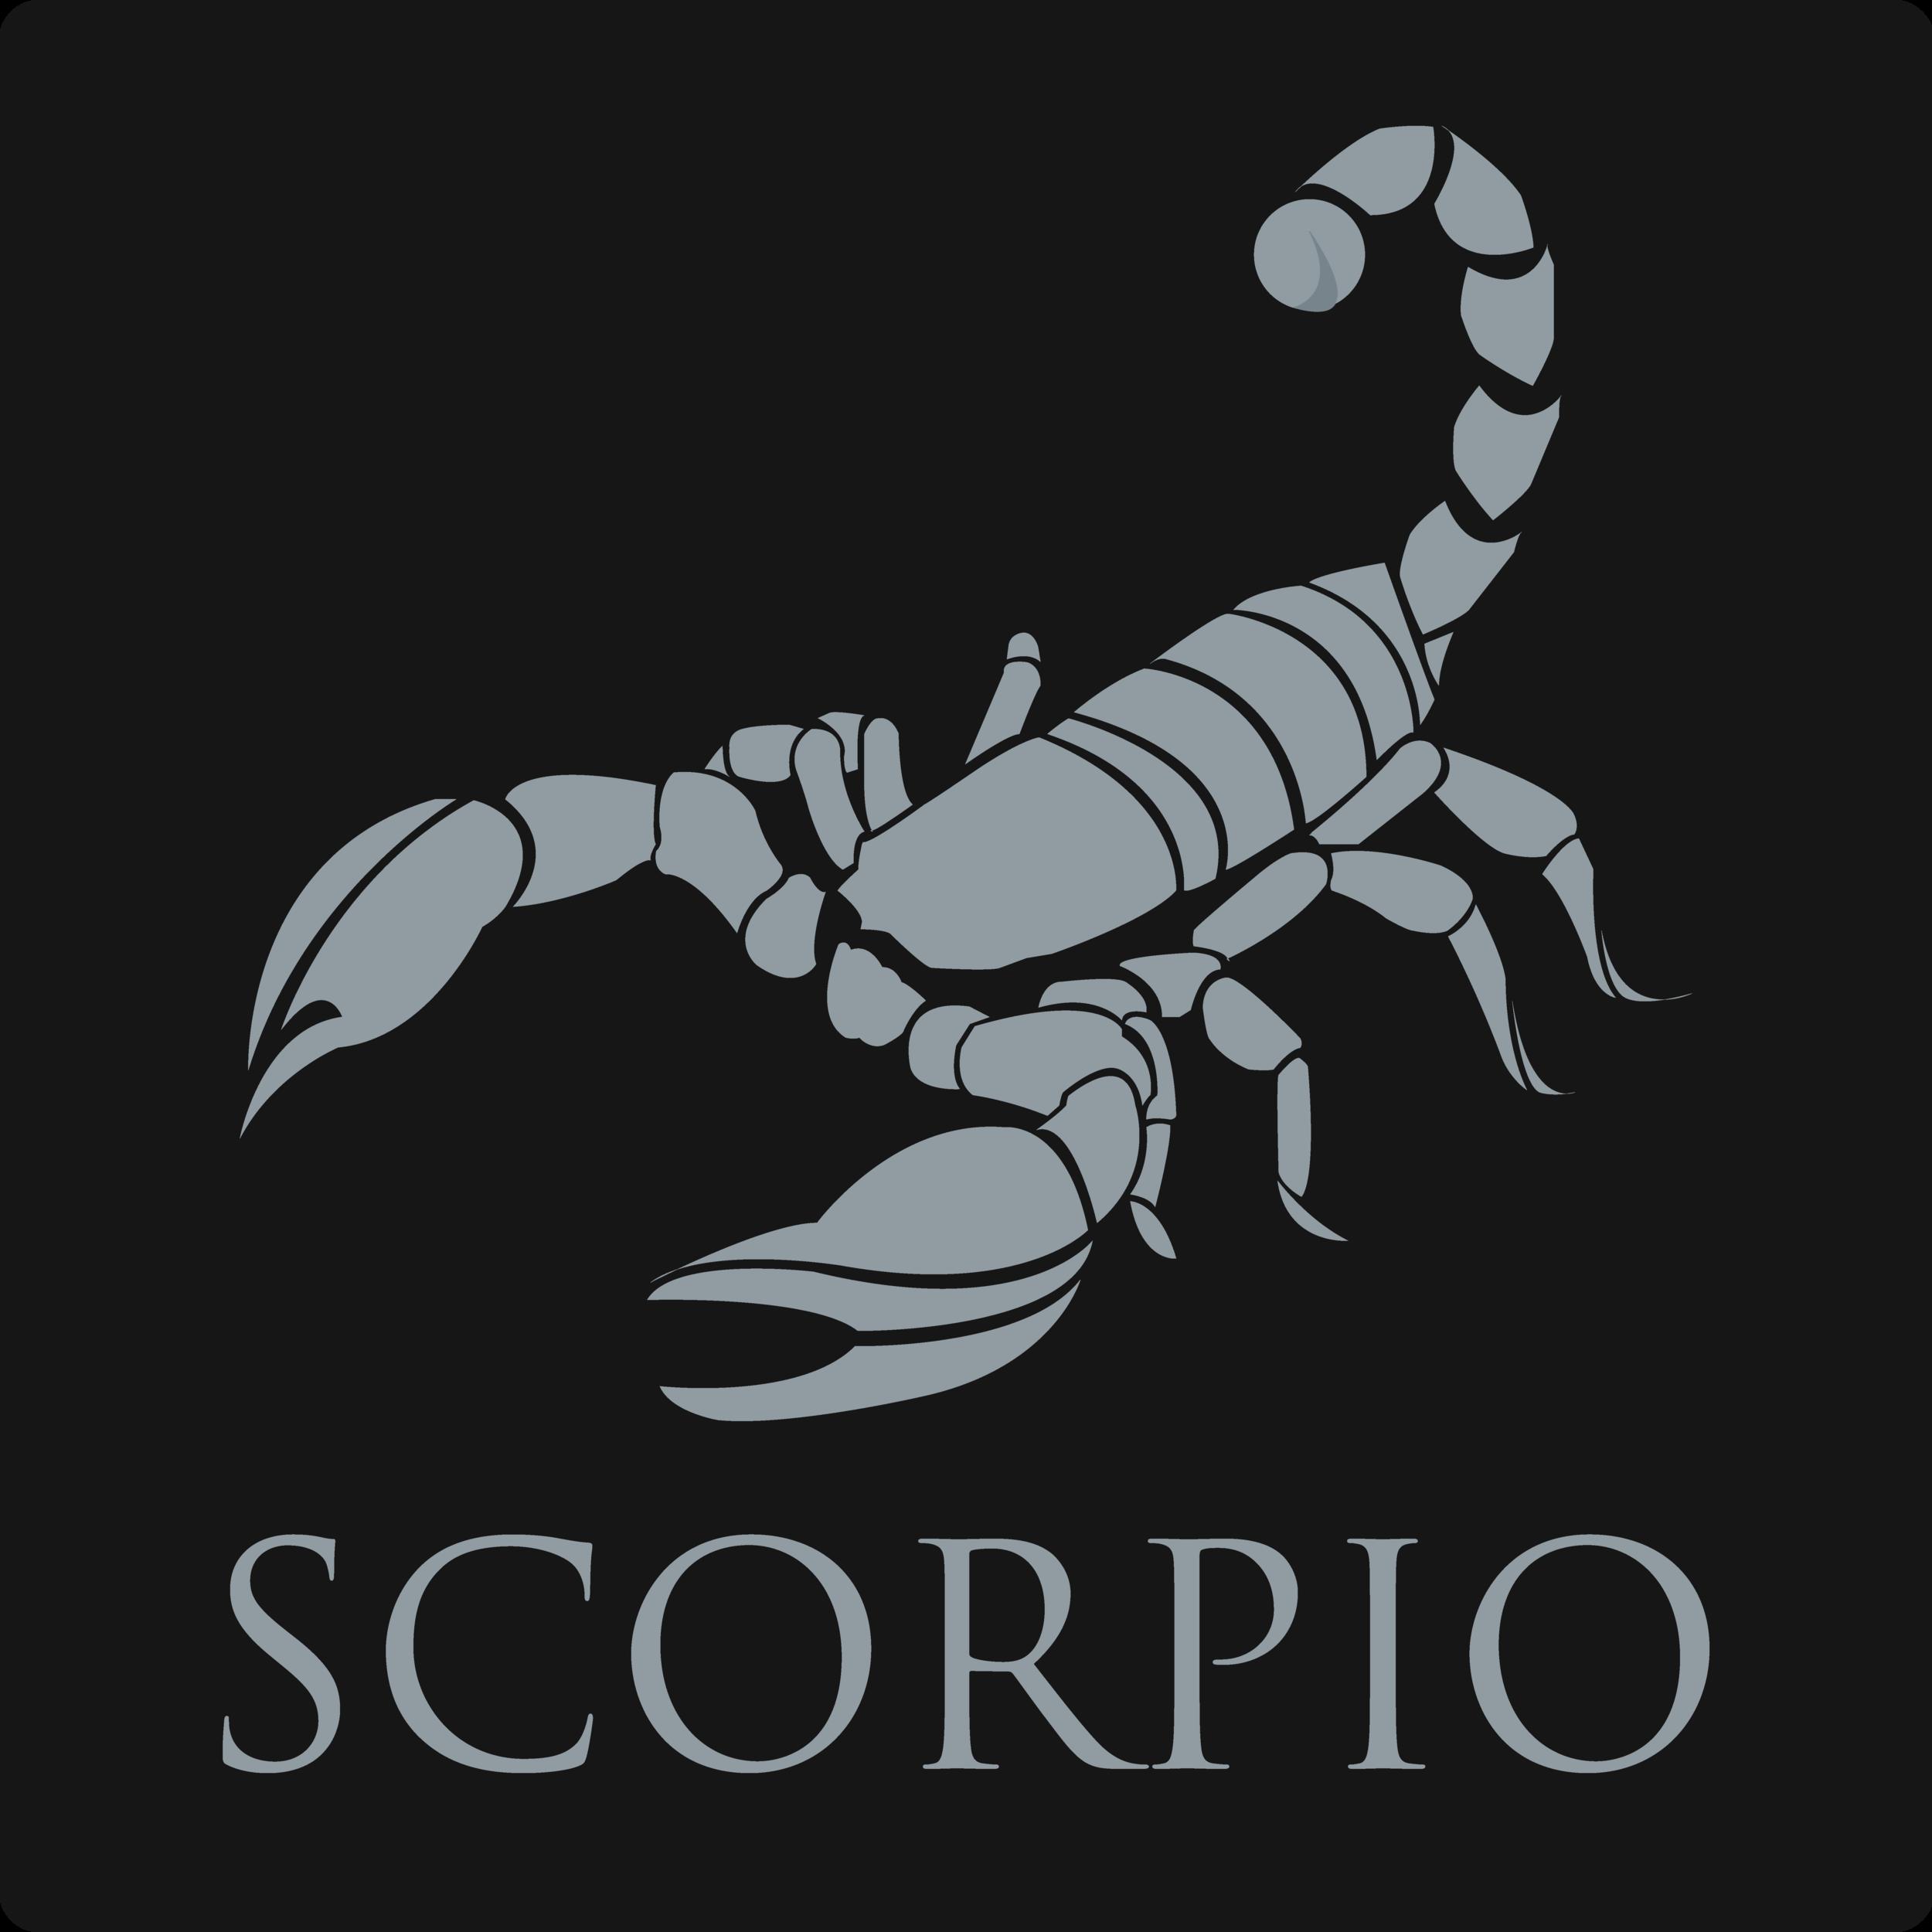 Scorpio vector.png